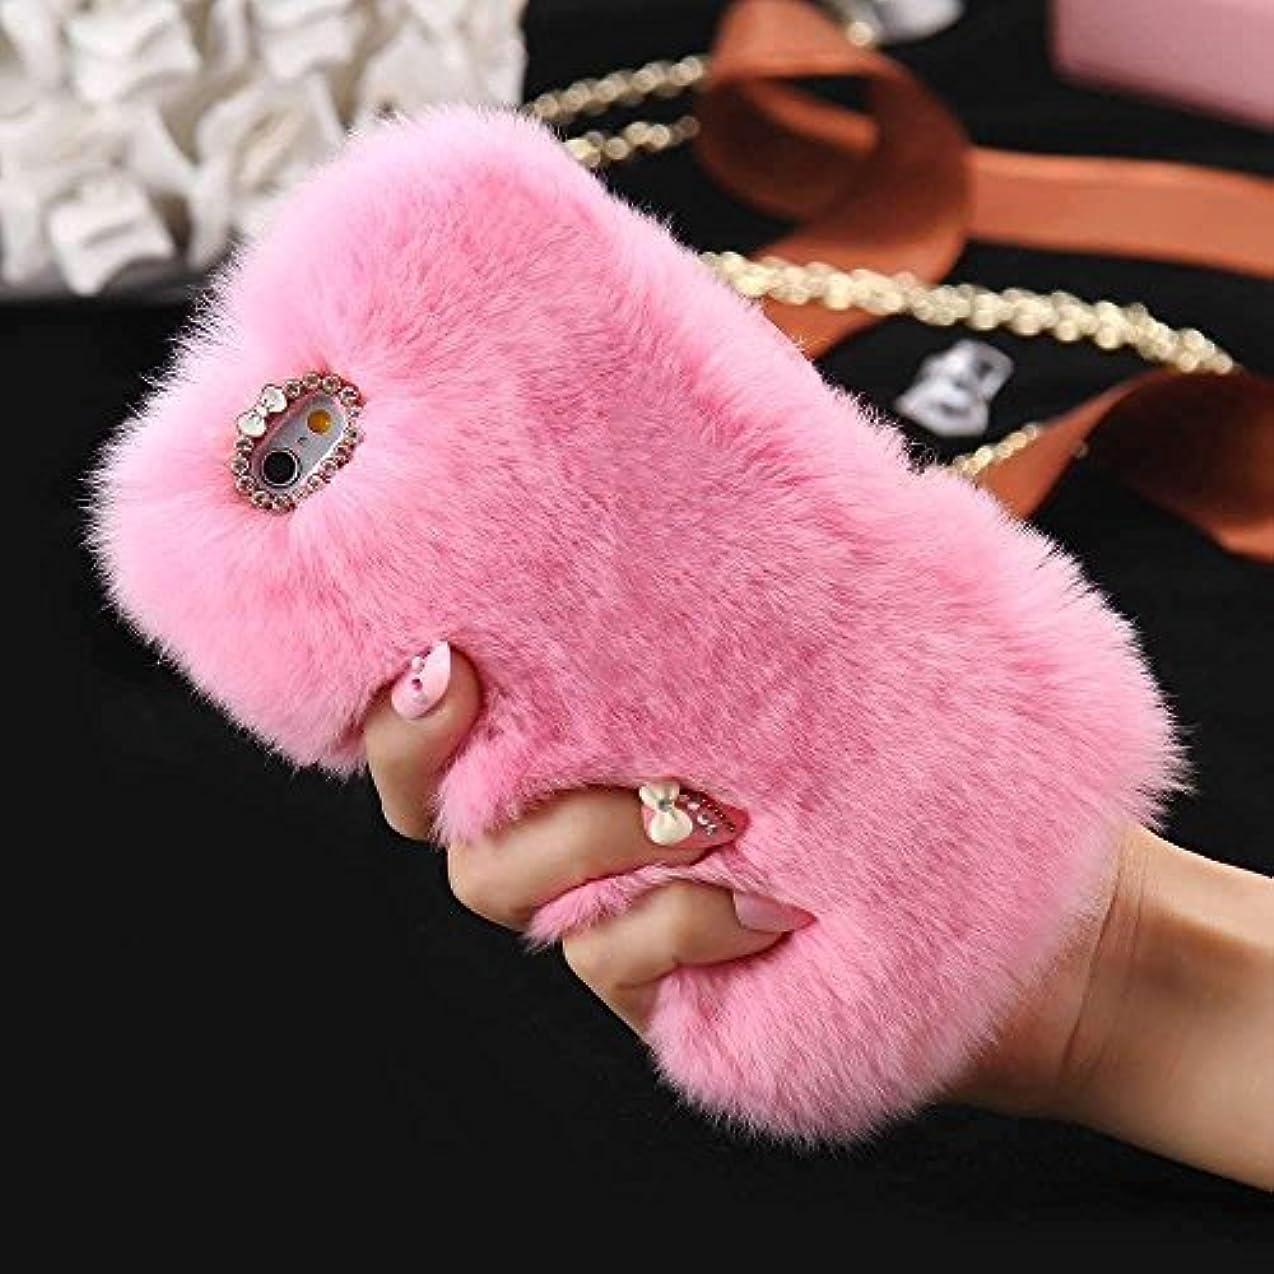 エキサイティングにバンドiPhone 7 ケース おしゃれ INorton 保護カバー 耐衝撃 軽量 薄型 女の子 かわいい 冬に最適 iPhone 7対応